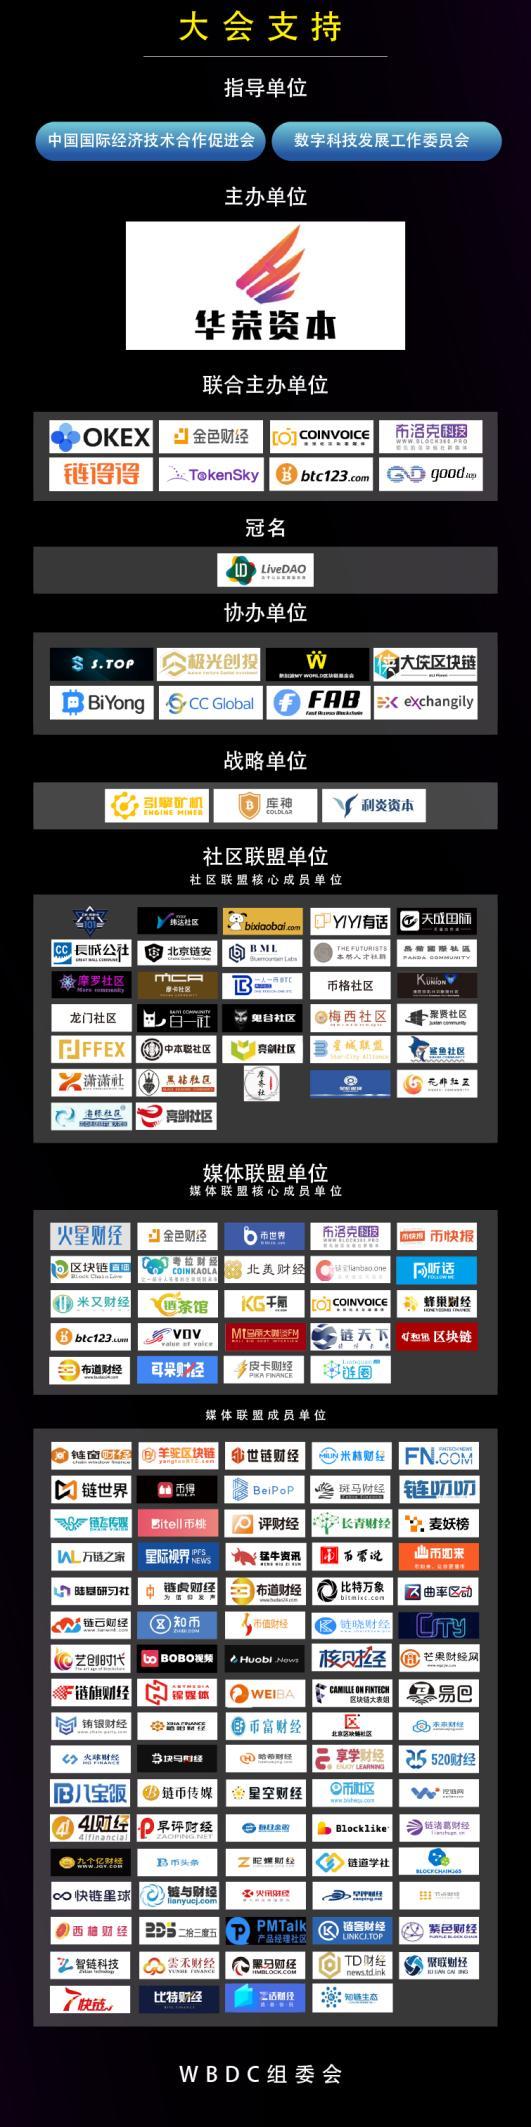 2019世界区块链数字科技大会冠军之夜盛典将于24日盛大开幕